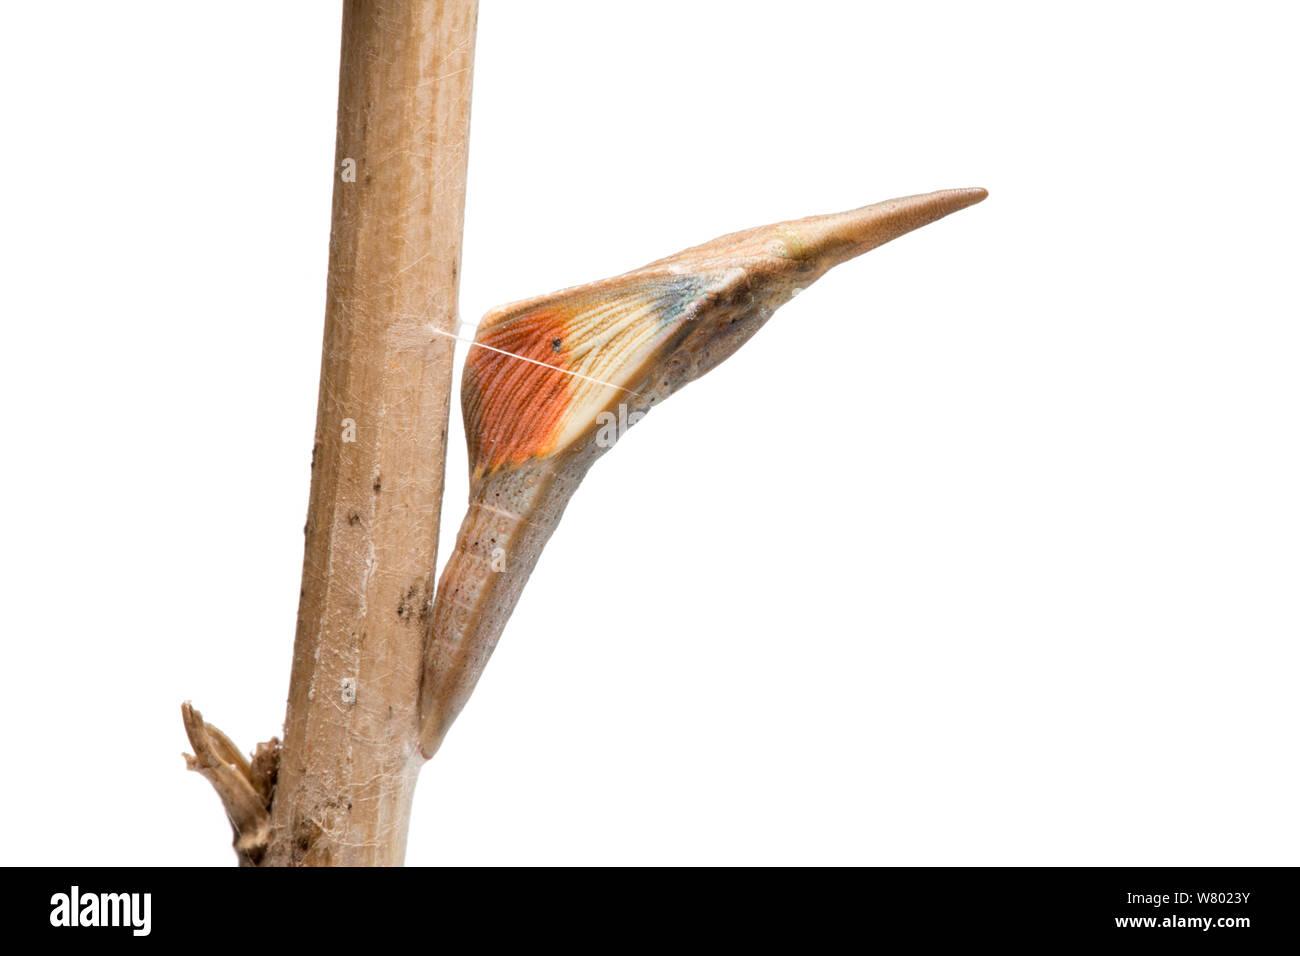 Crisálida de punta anaranjada Anthocharis cardamines (mariposas) en ajo mostaza (Alliaria petiolata). Los estabilos naranja claramente visible a través de la crisálida muestran que este es un hombre a punto de emerger. Peak District National Park, Derbyshire, Reino Unido. De mayo. Fotografiado contra un fondo blanco en el campo móvil studio. Foto de stock